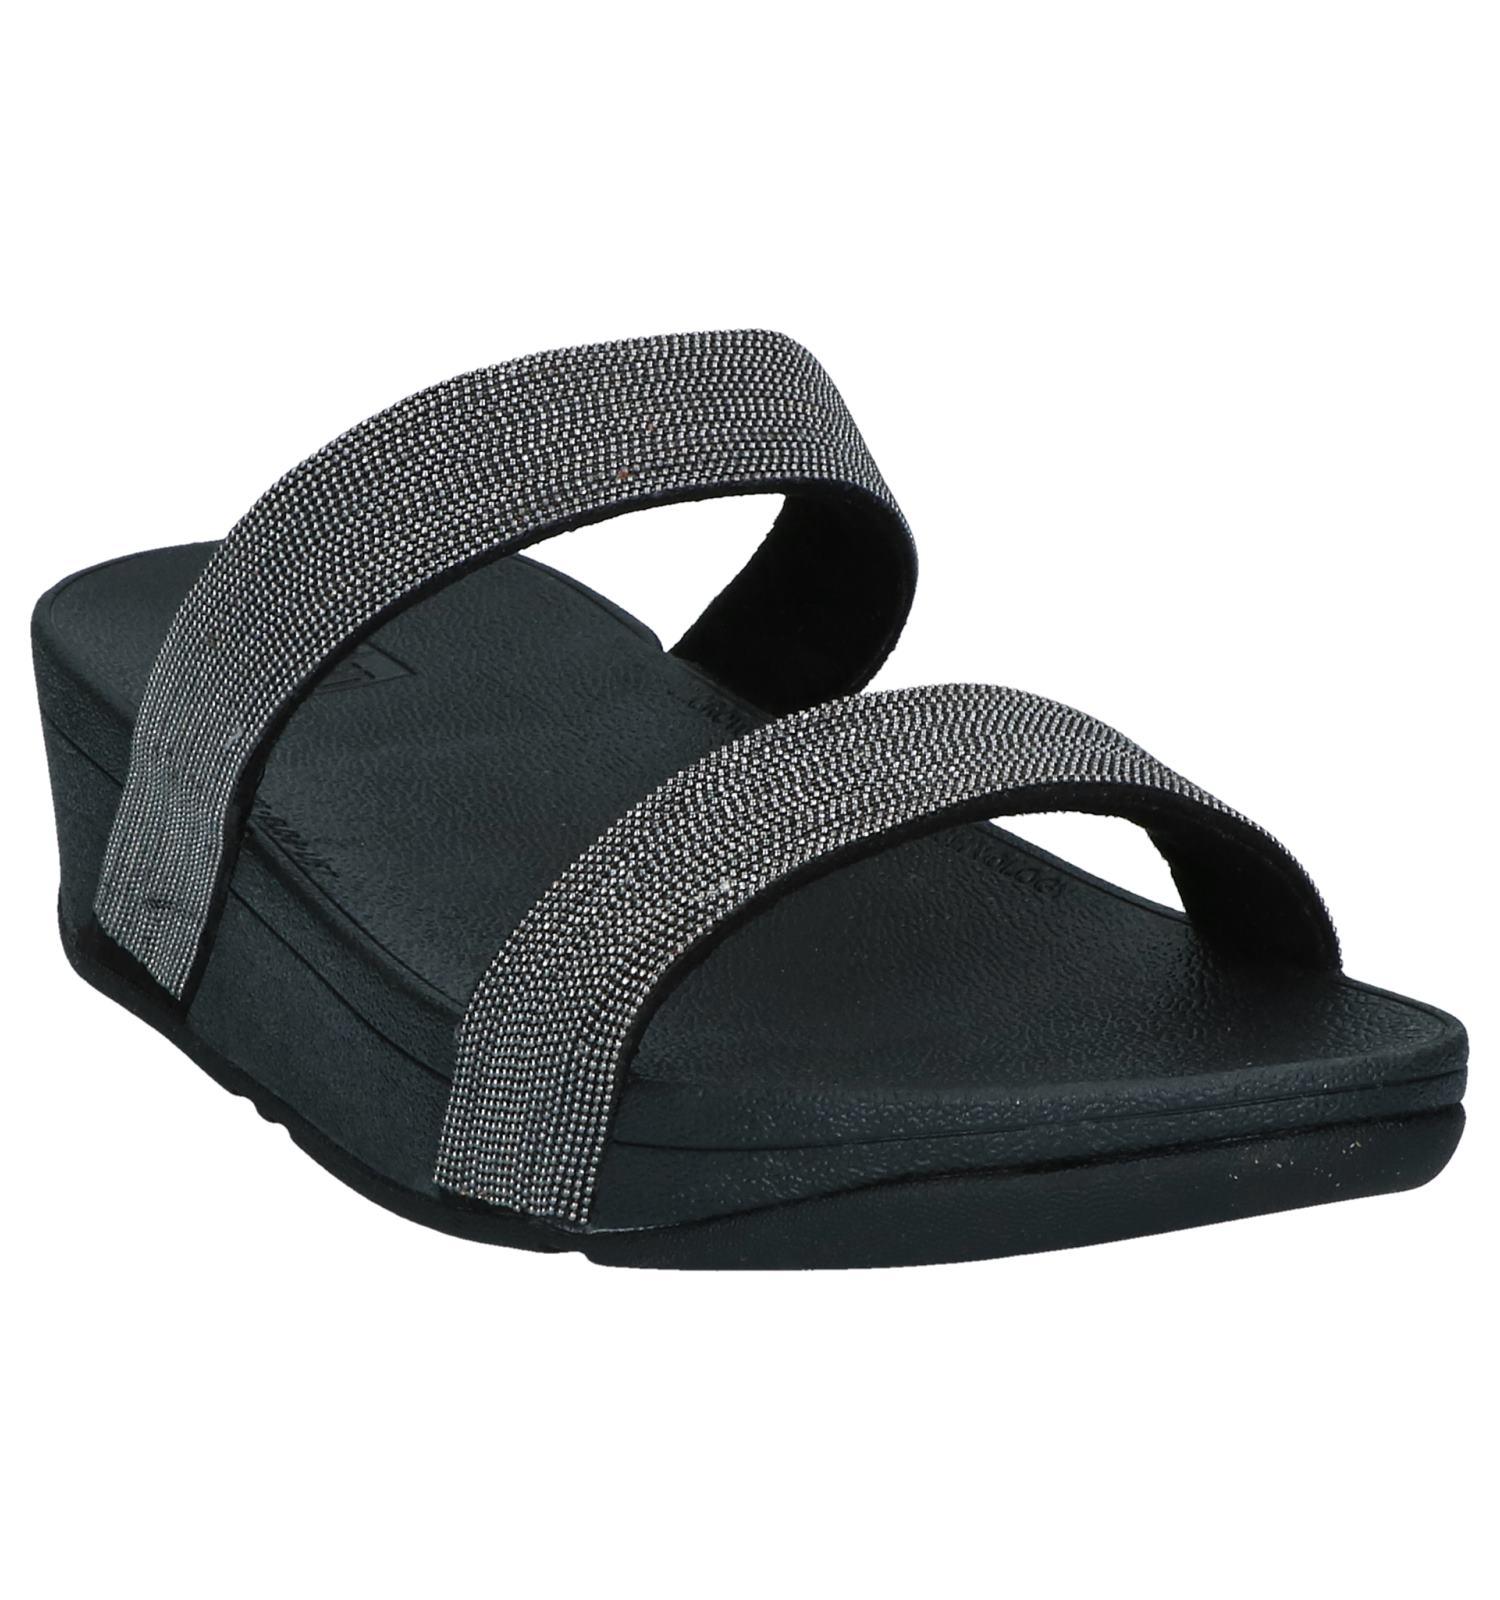 Shimmer Mesh Zwarte Lottie Slippers Fitflop cK1TlFJ